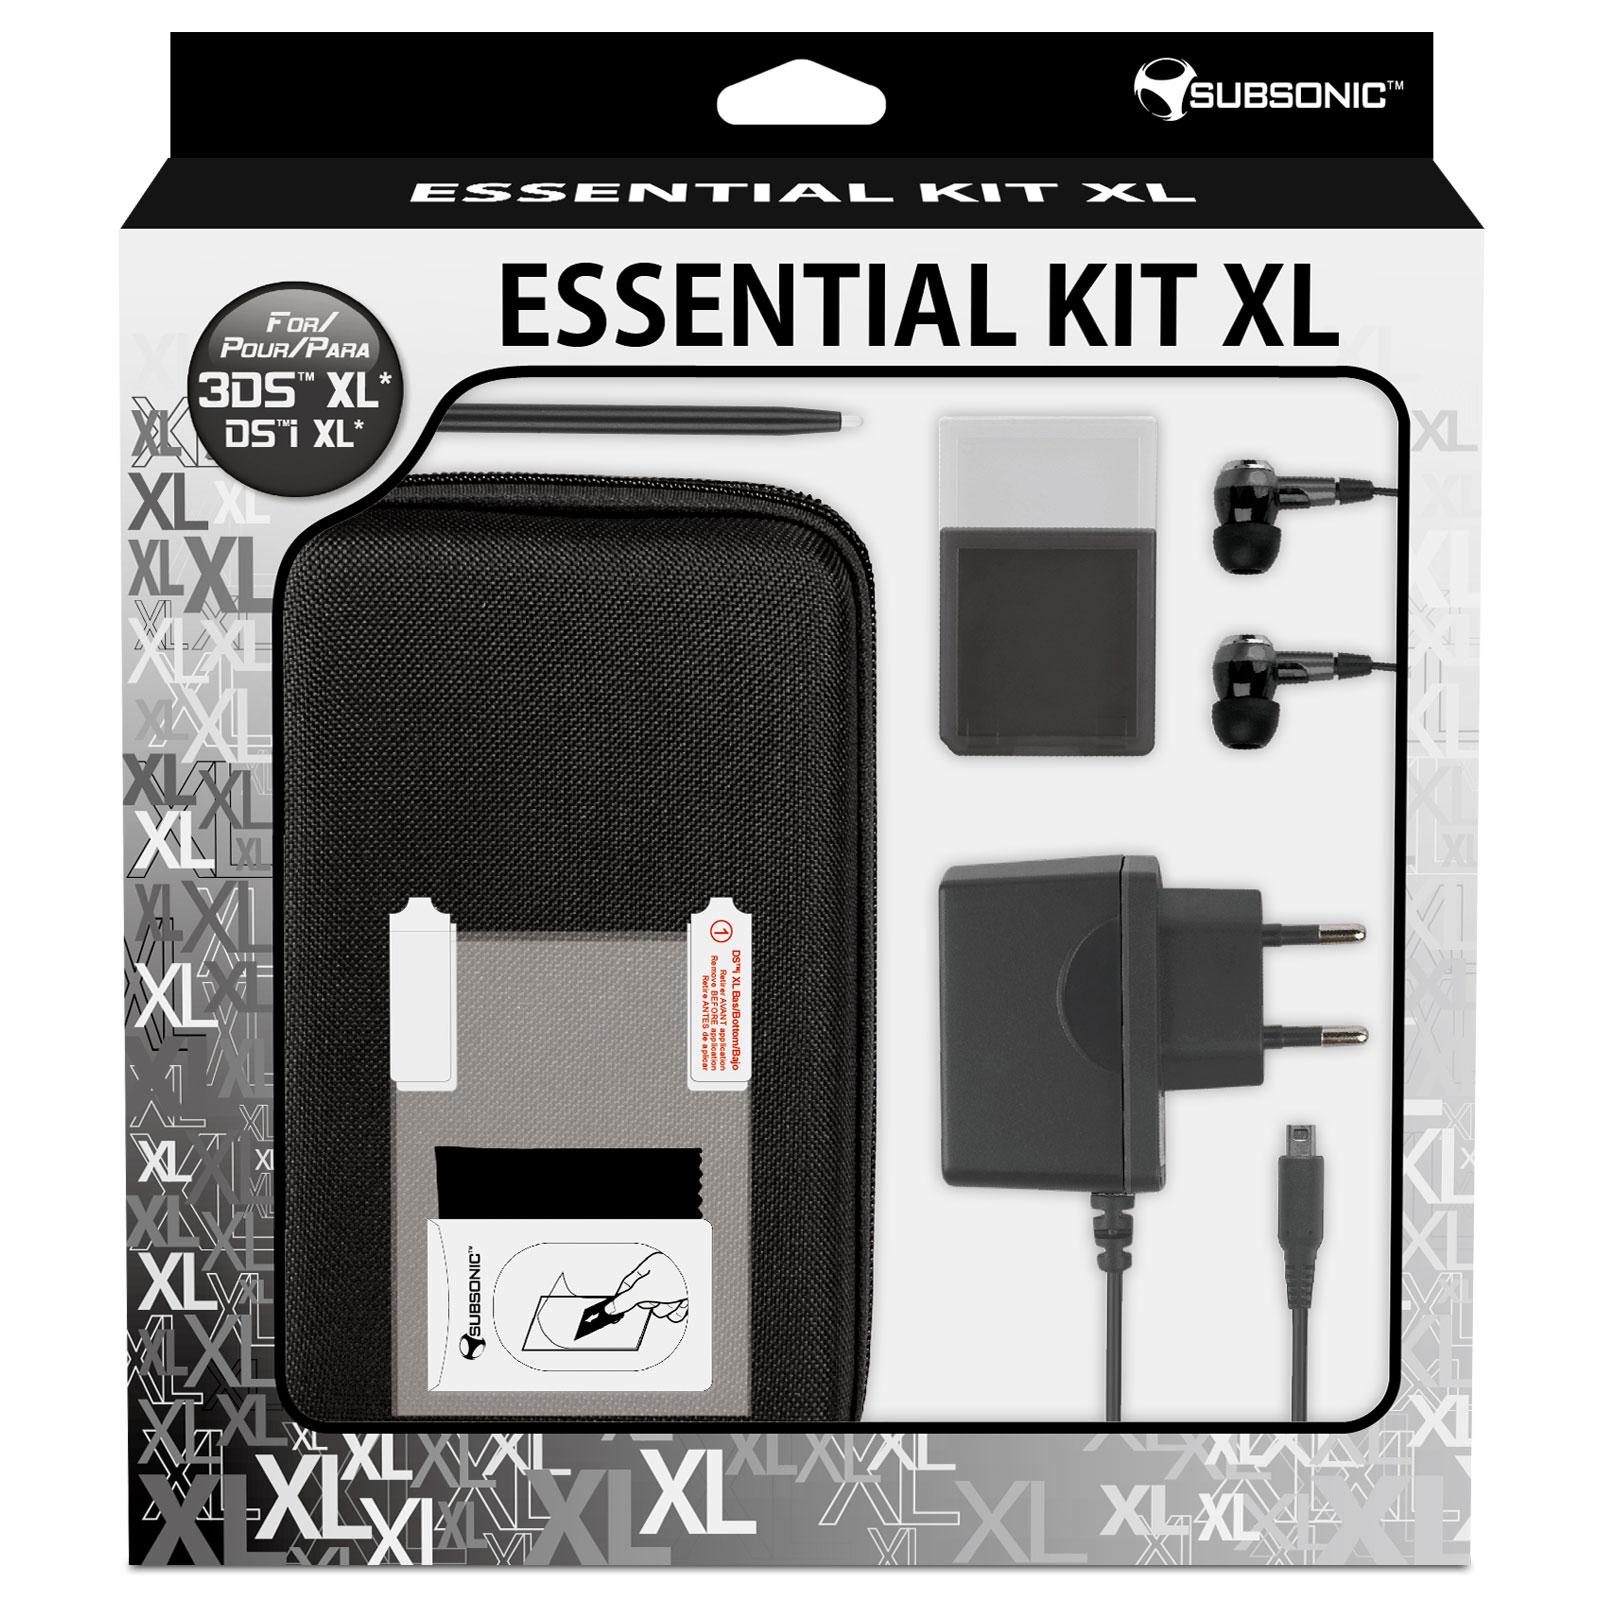 Subsonic essential kit xl noir nintendo 3ds xl et dsi xl for Ecran noir appareil photo 3ds